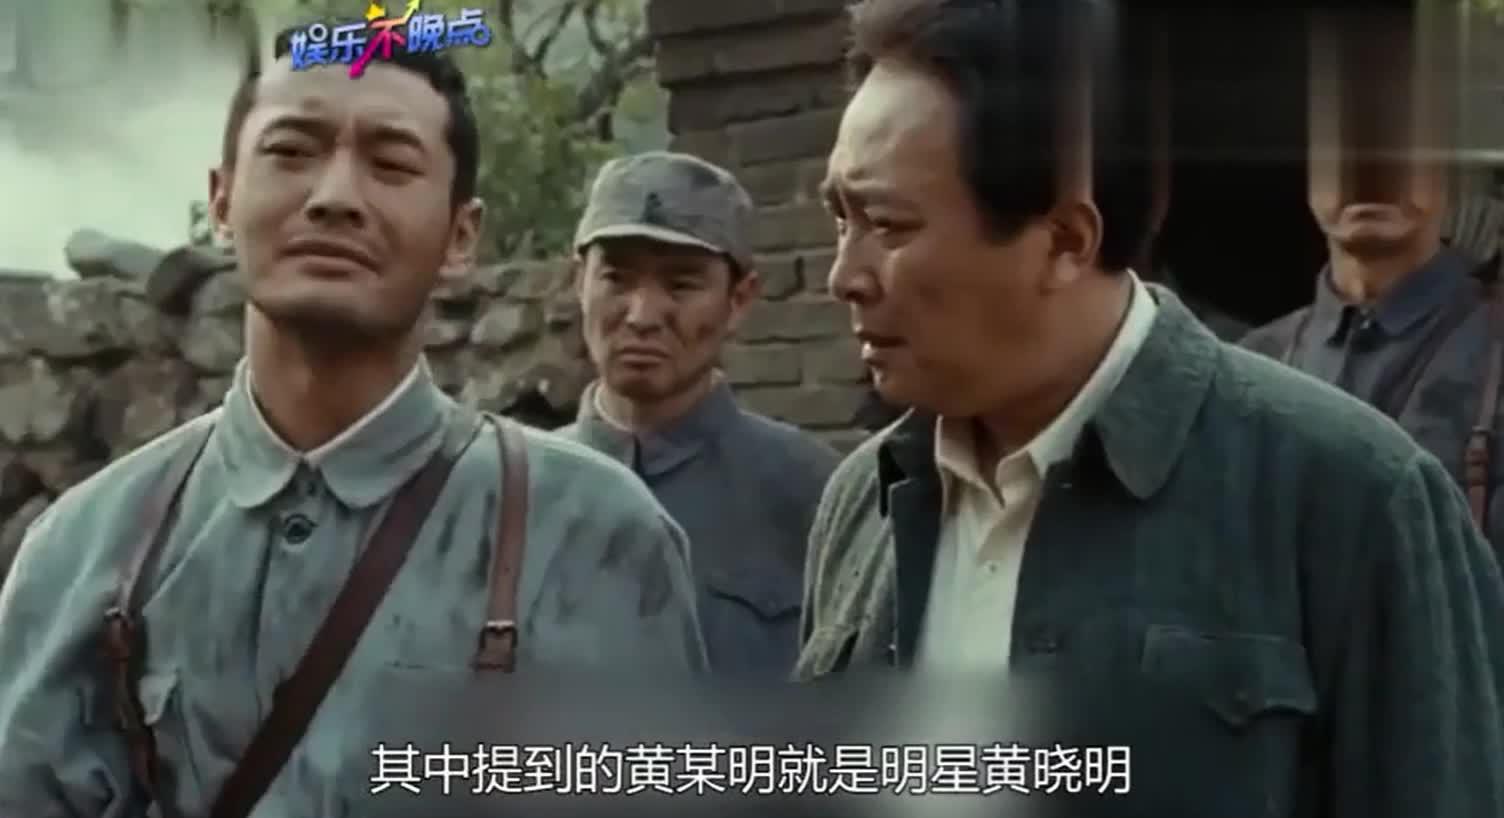 #娱乐八卦#黄晓明演技爆表